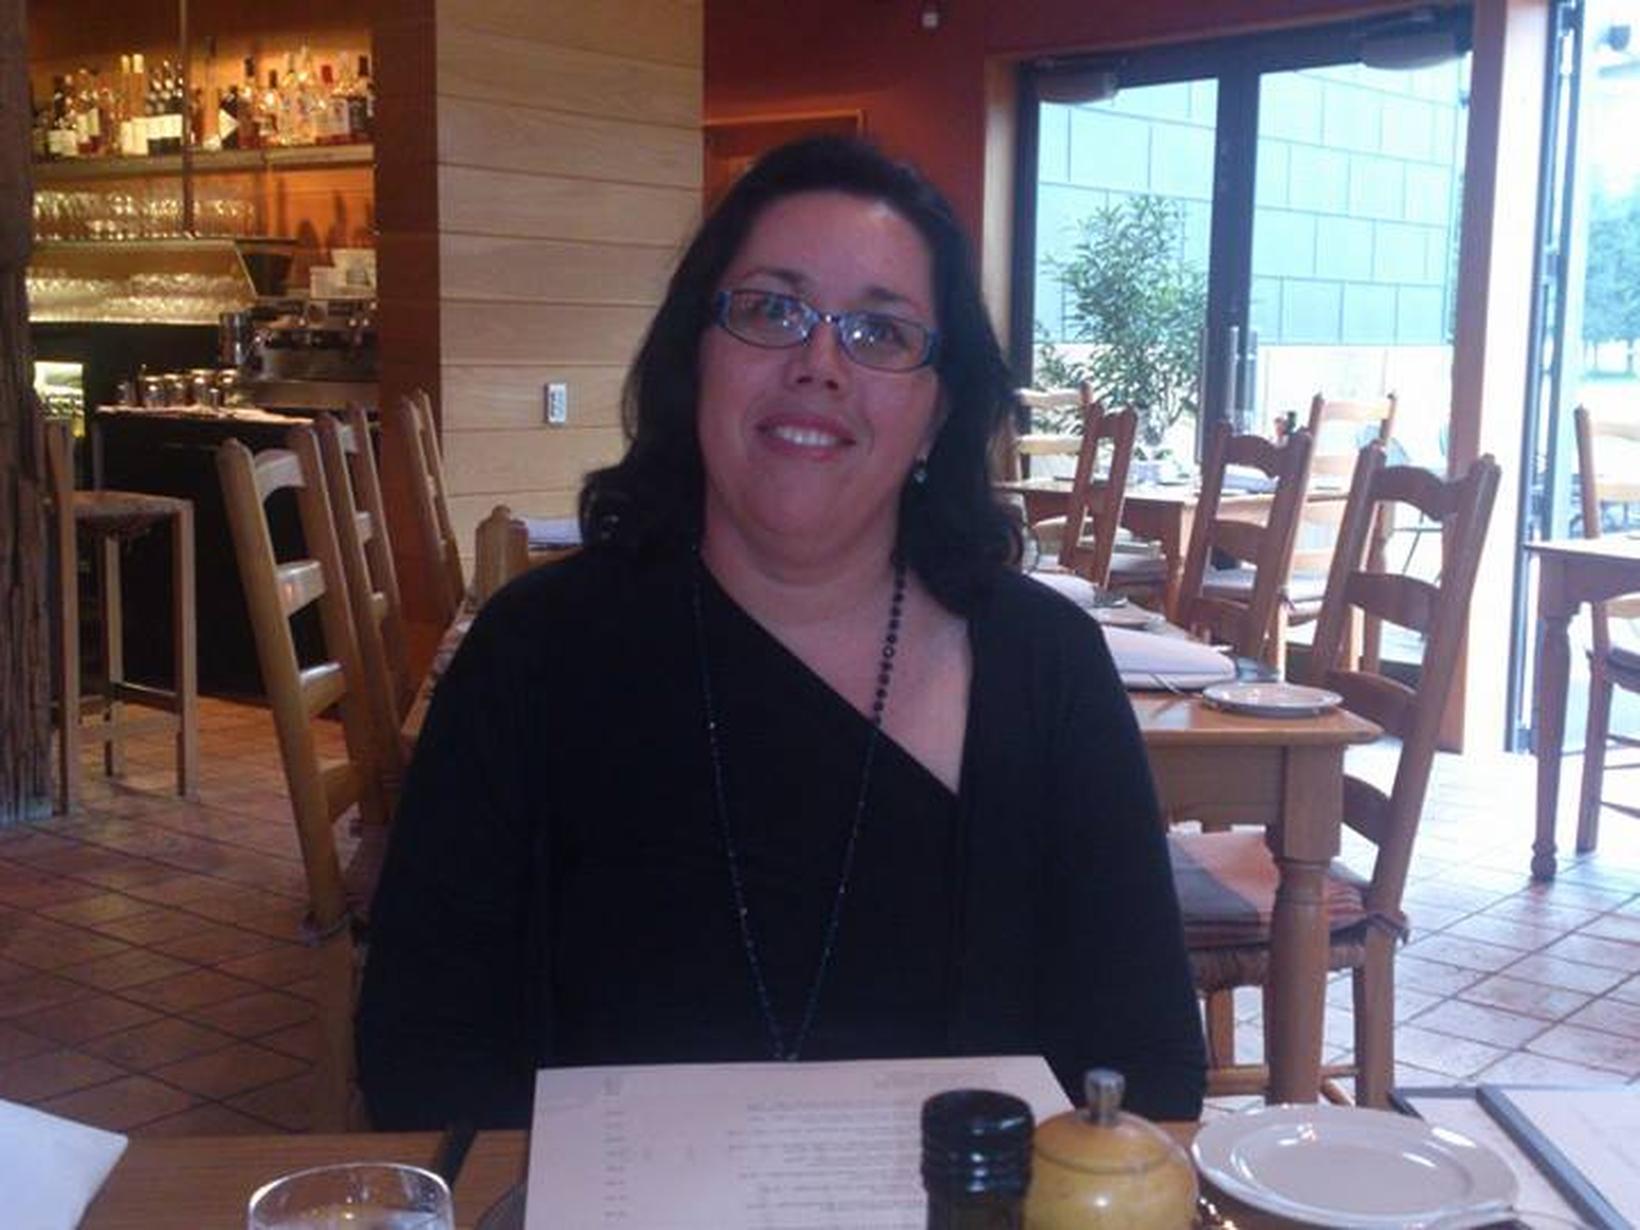 Gabrielle from Brisbane, Queensland, Australia